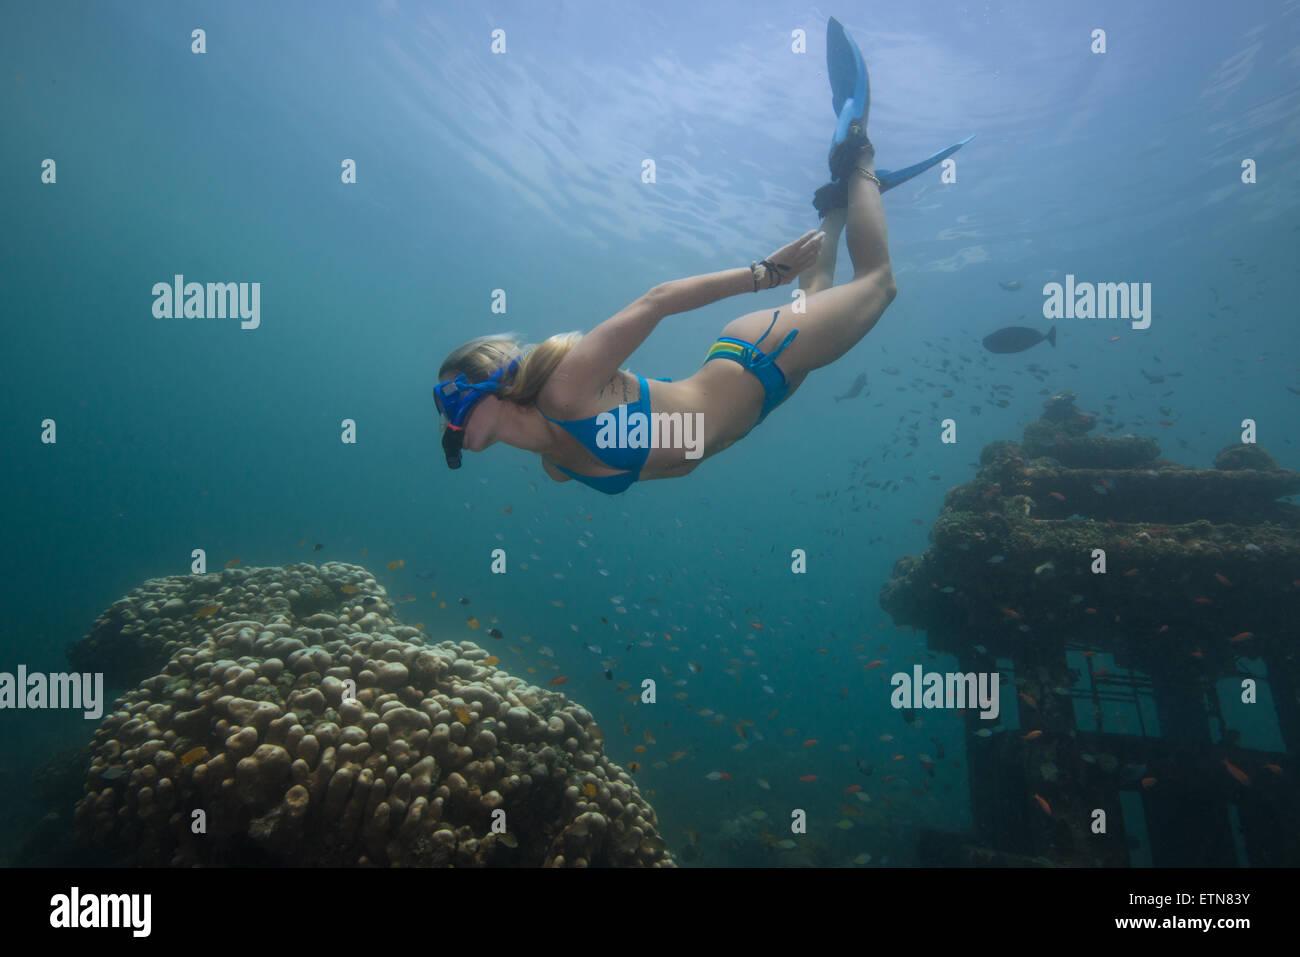 Frau Schnorcheln und erkunden Sie eine versunkene Tempel und Korallenriff, Bali, Indonesien Stockbild